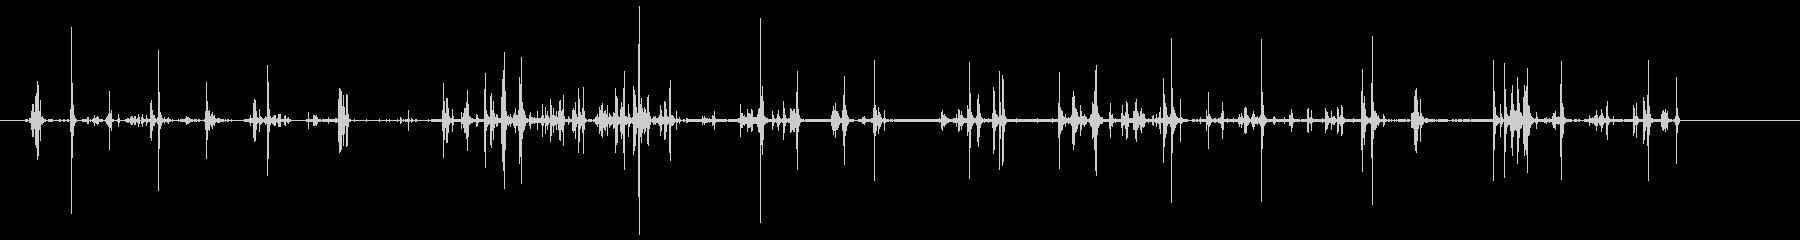 ロックインロック、ジングリング、ロ...の未再生の波形